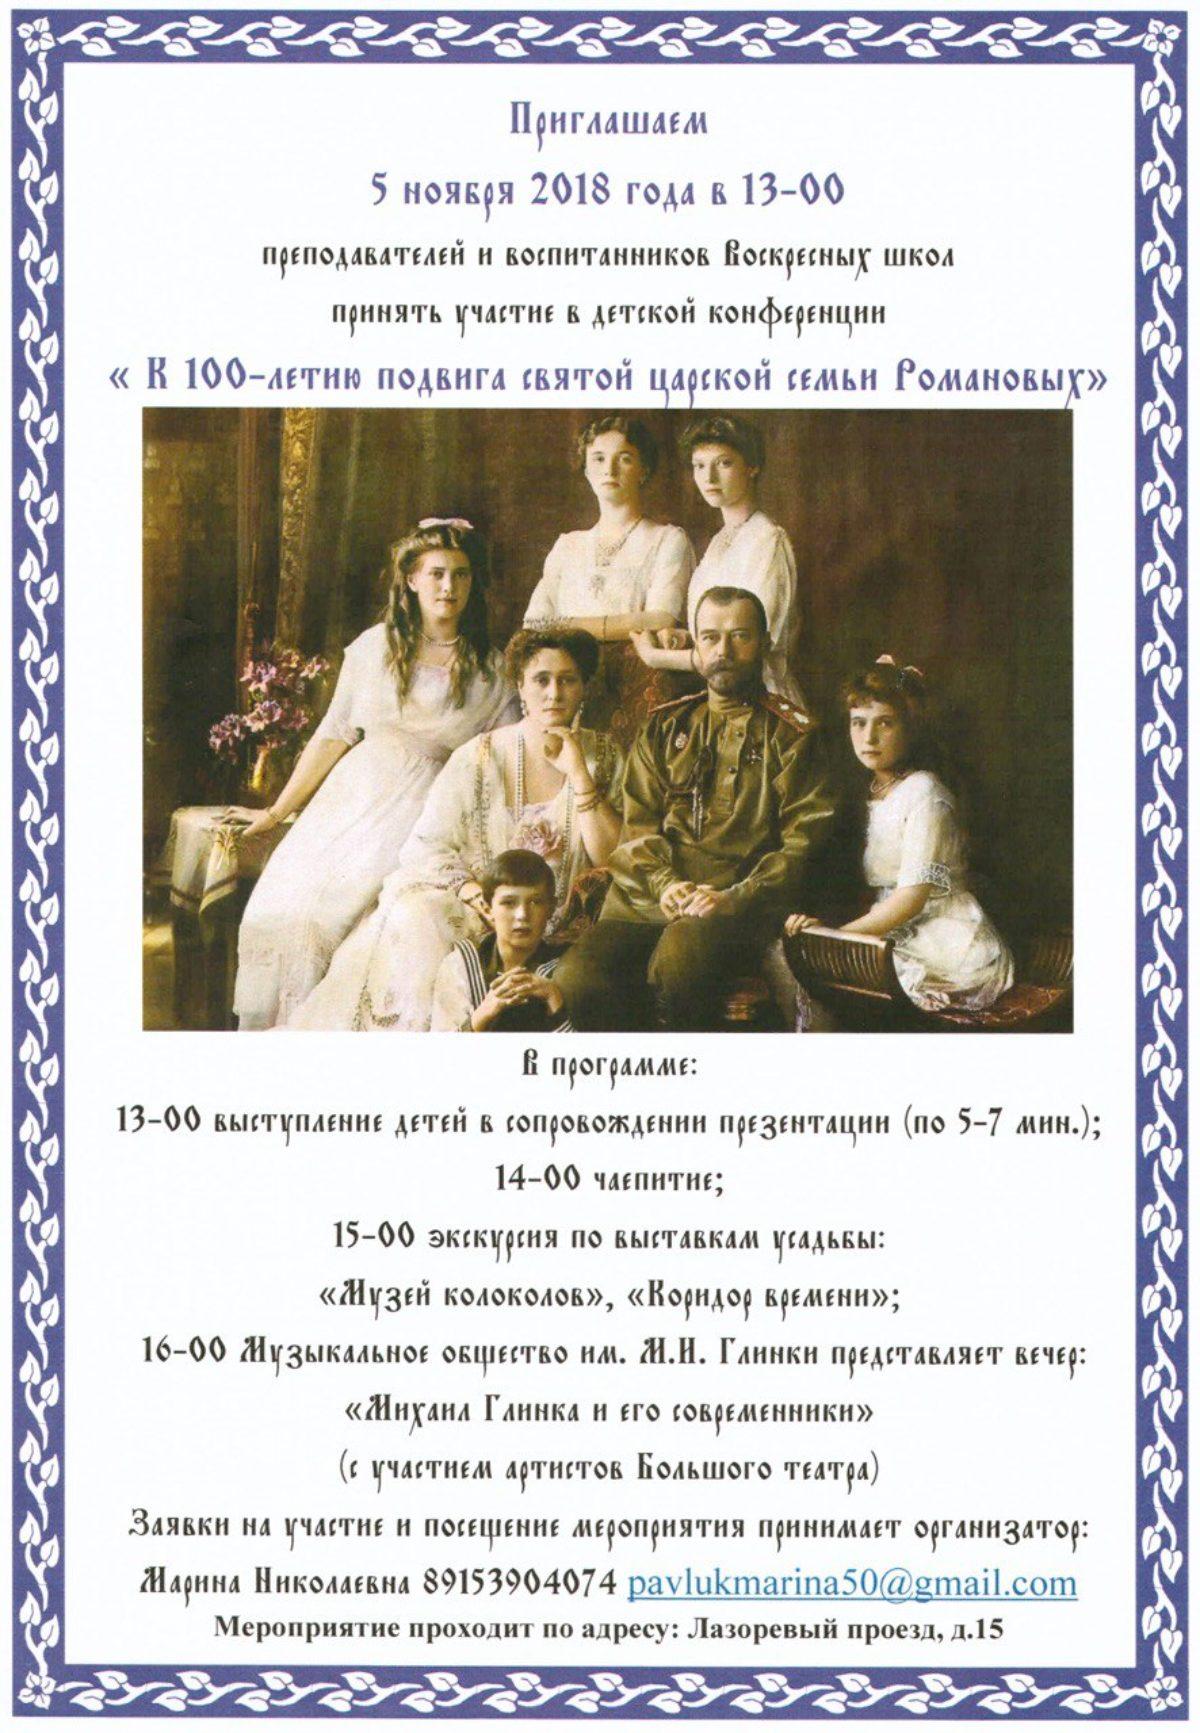 Детская конференция  «К 100-летию подвига святой царской семьи Романовых»